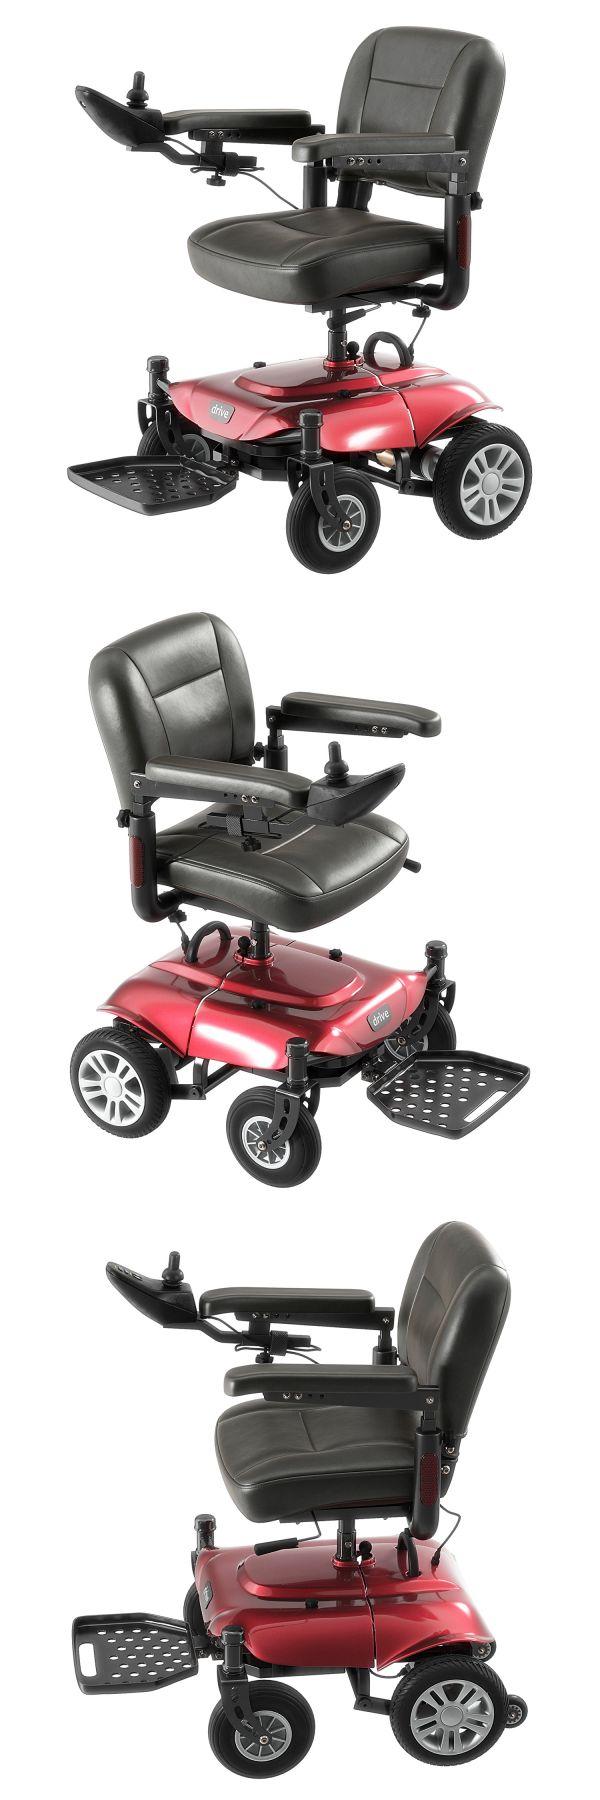 Cobalt X23 Power Wheelchair Model 3d Model For Vray